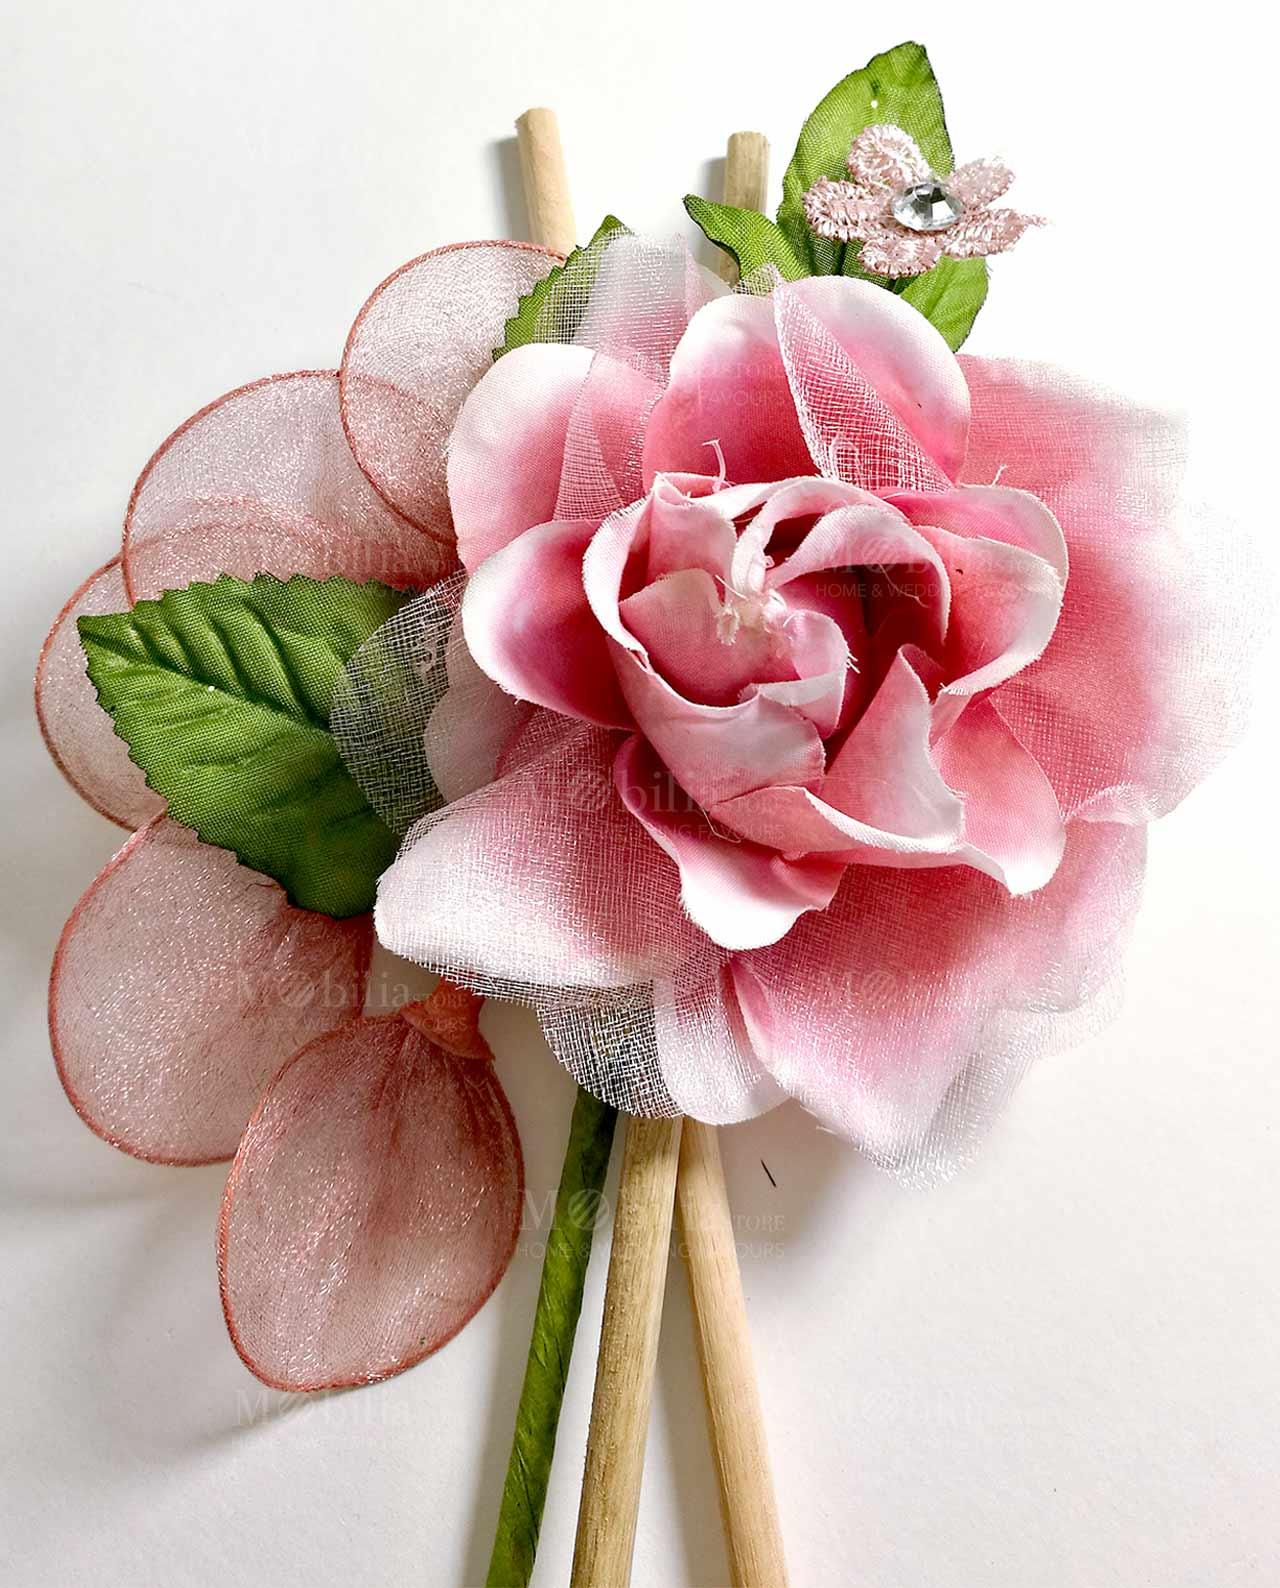 fiore rosa con racchette